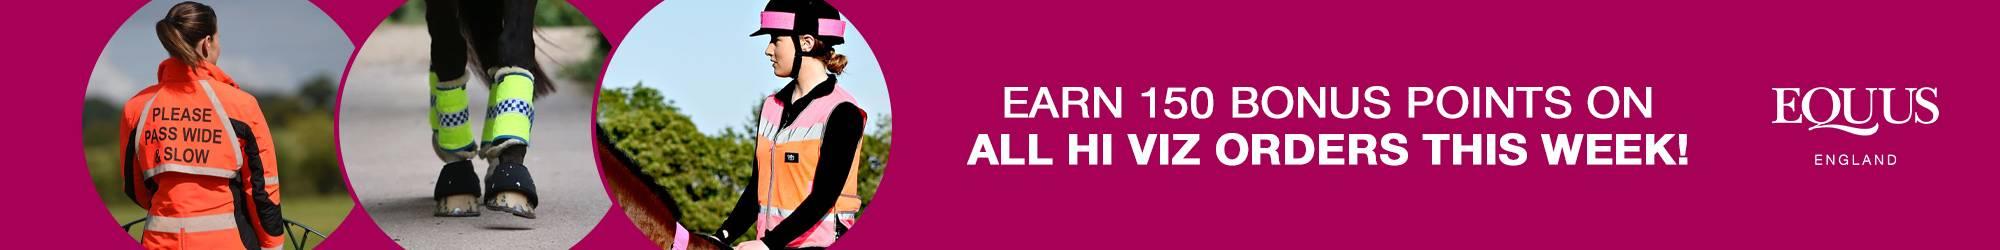 Hi Viz - 150 Bonus Rosette Reward Points